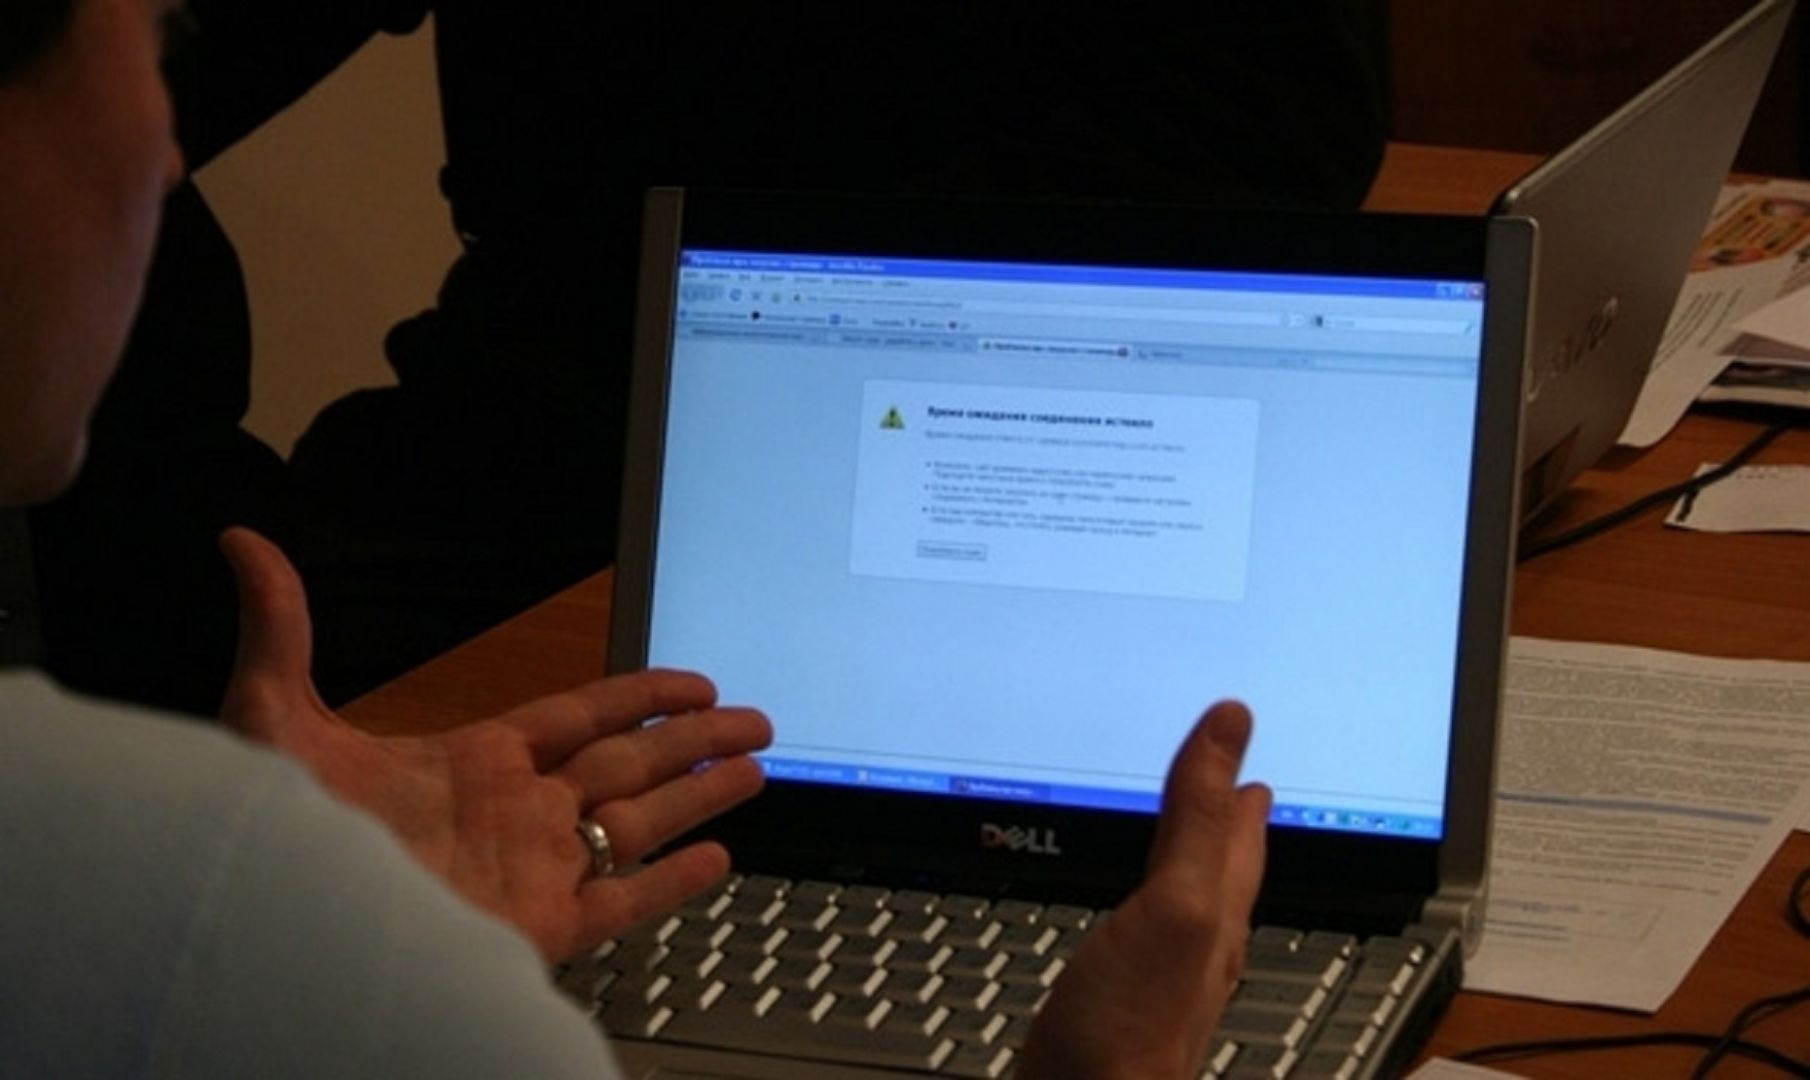 На Ставрополье суд признал запрещённой информацию о продаже дипломов, распространяемую в интернете